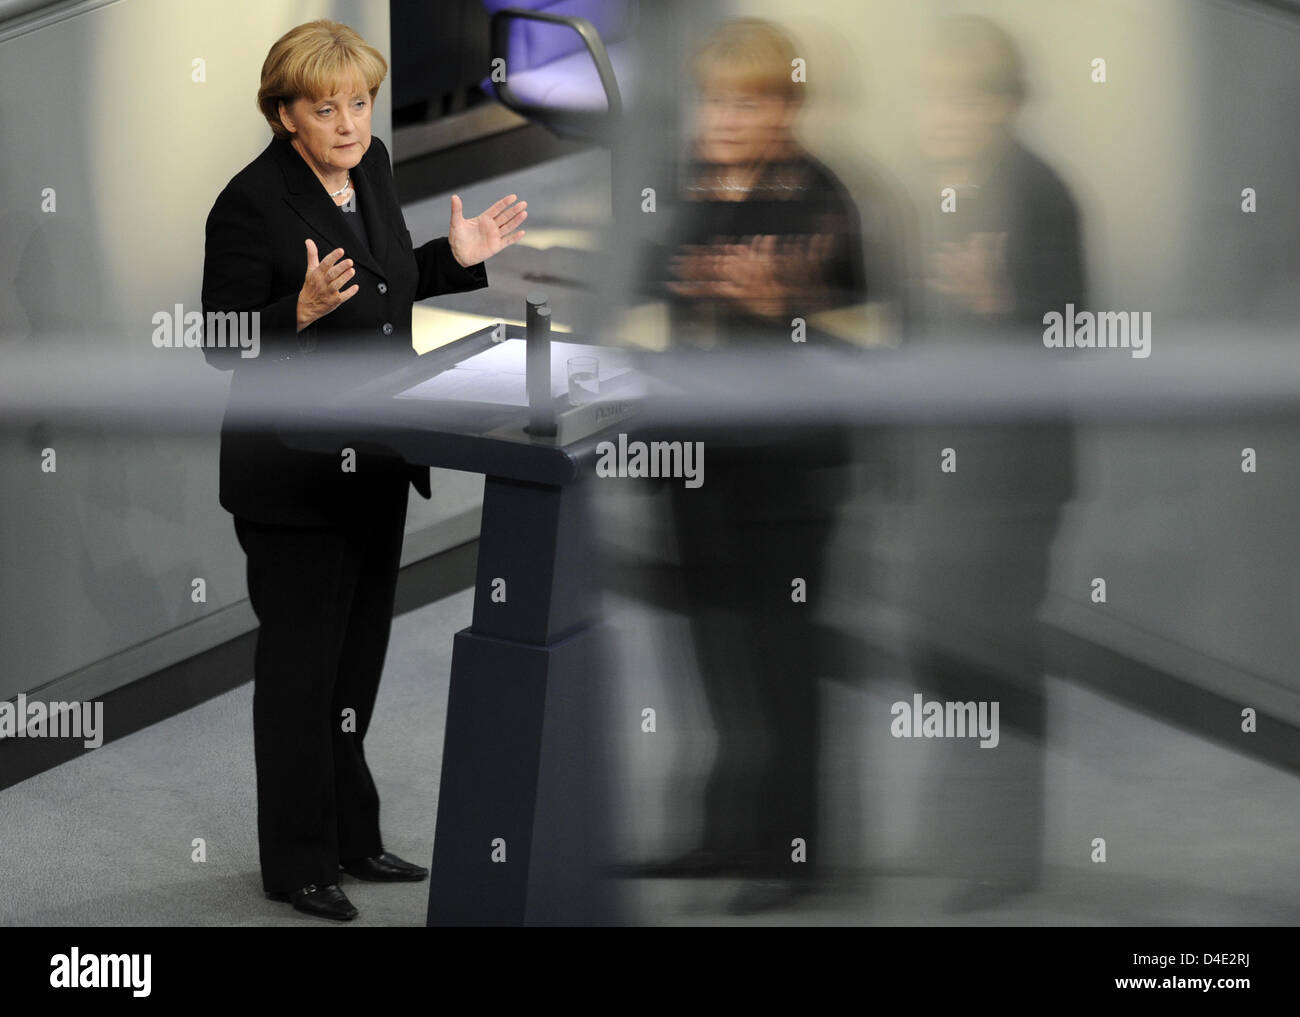 Il cancelliere tedesco Angela Merkel offre una dichiarazione del governo sulla crisi finanziaria globale al Bundestag, Berlino, Germania, 7 ottobre 2008. Foto: RAINER JENSEN Foto Stock